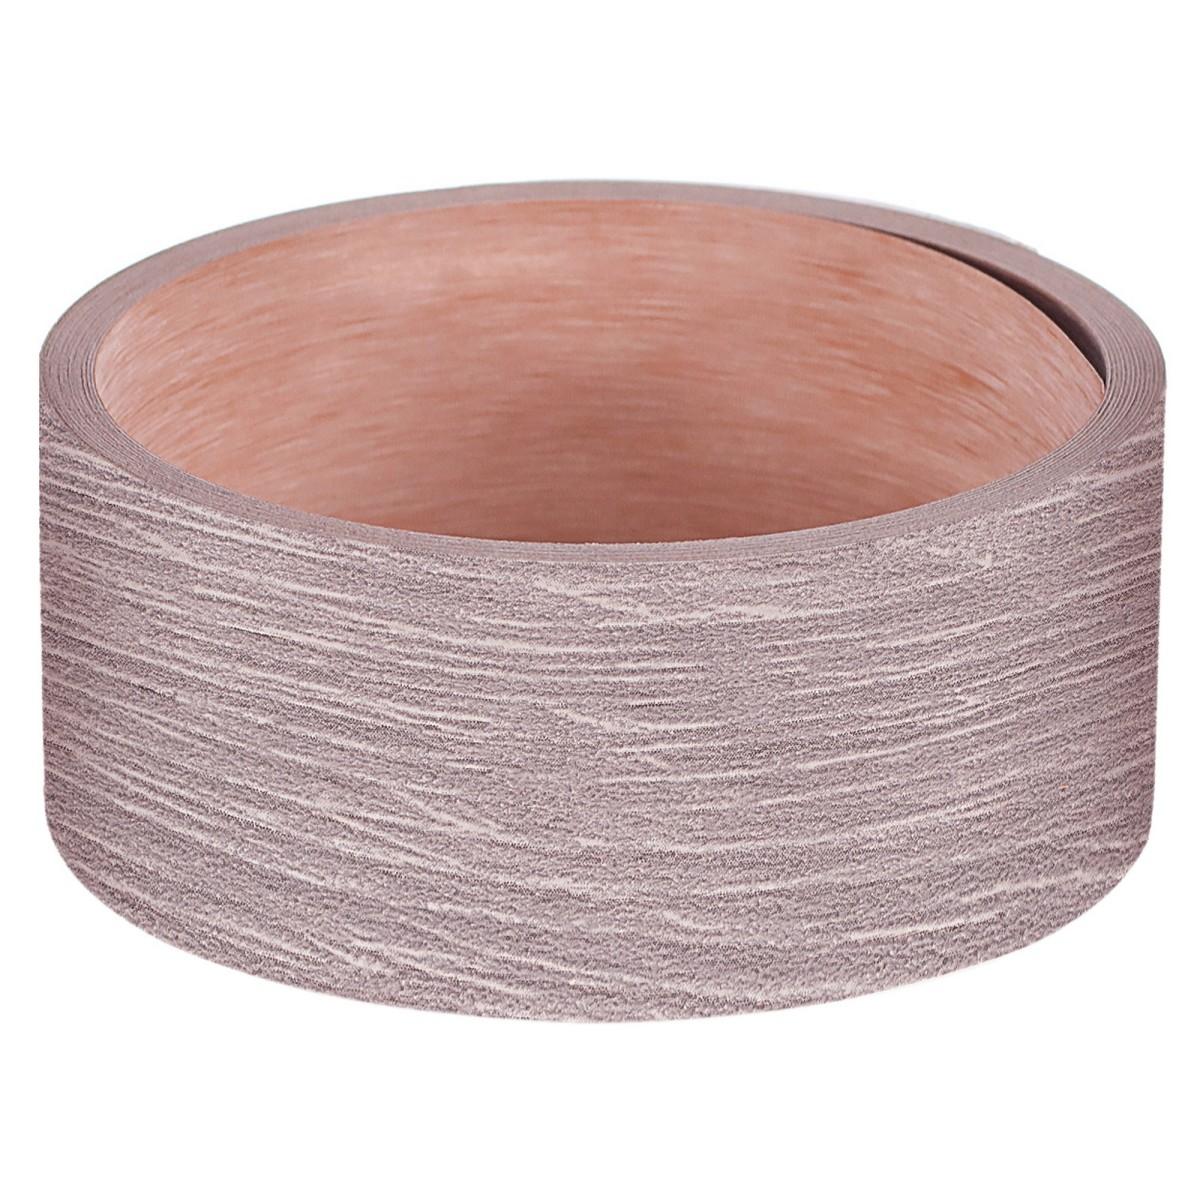 Кромка №3310 без клея для плинтуса 305х3.2 см цвет серый